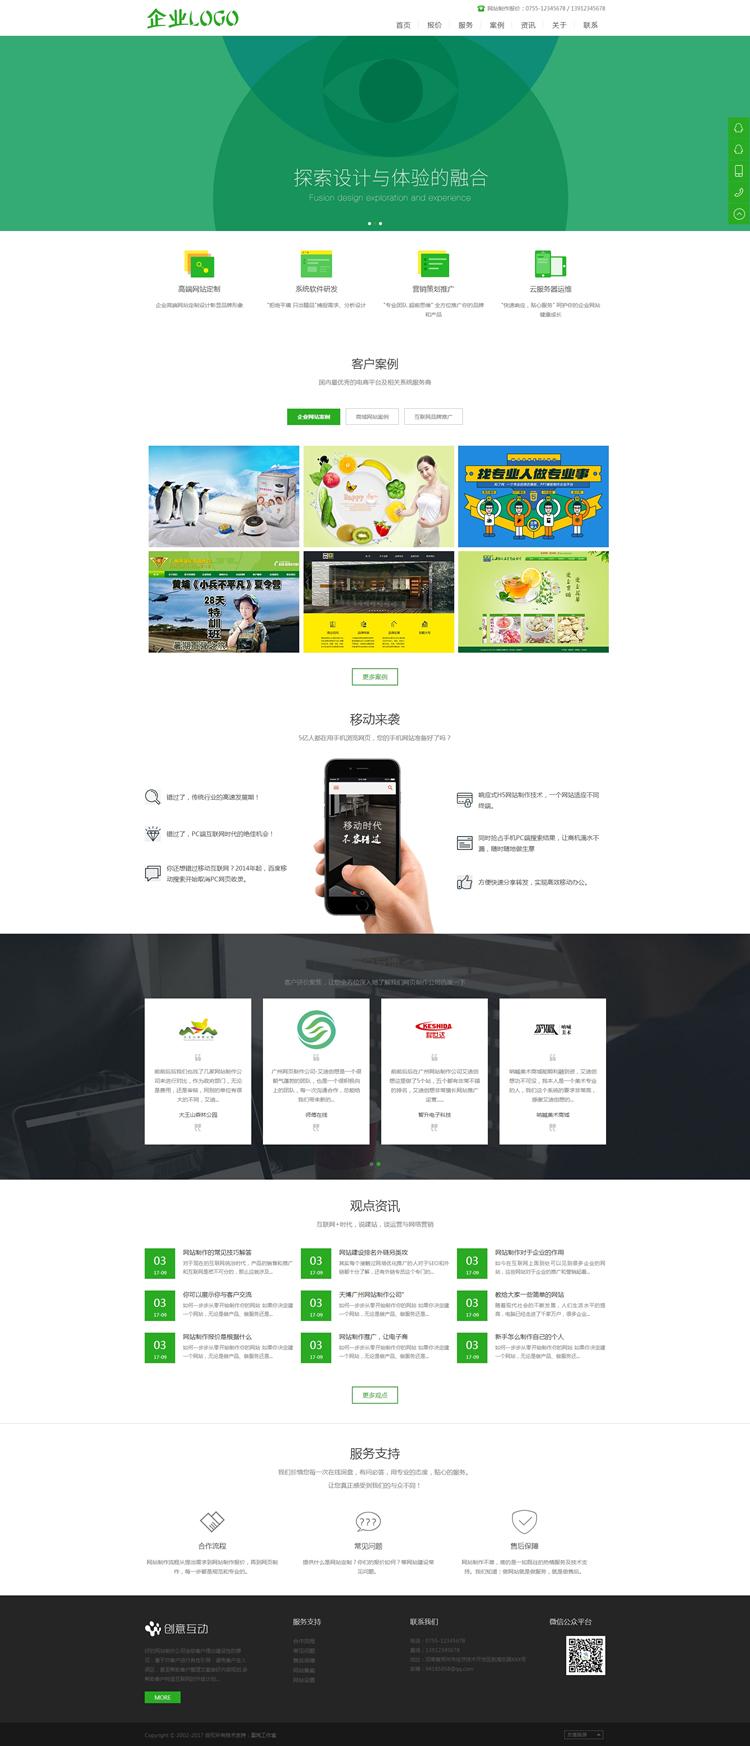 响应式HTML5网络建站设计公司织梦模板(自适应手机端).jpg